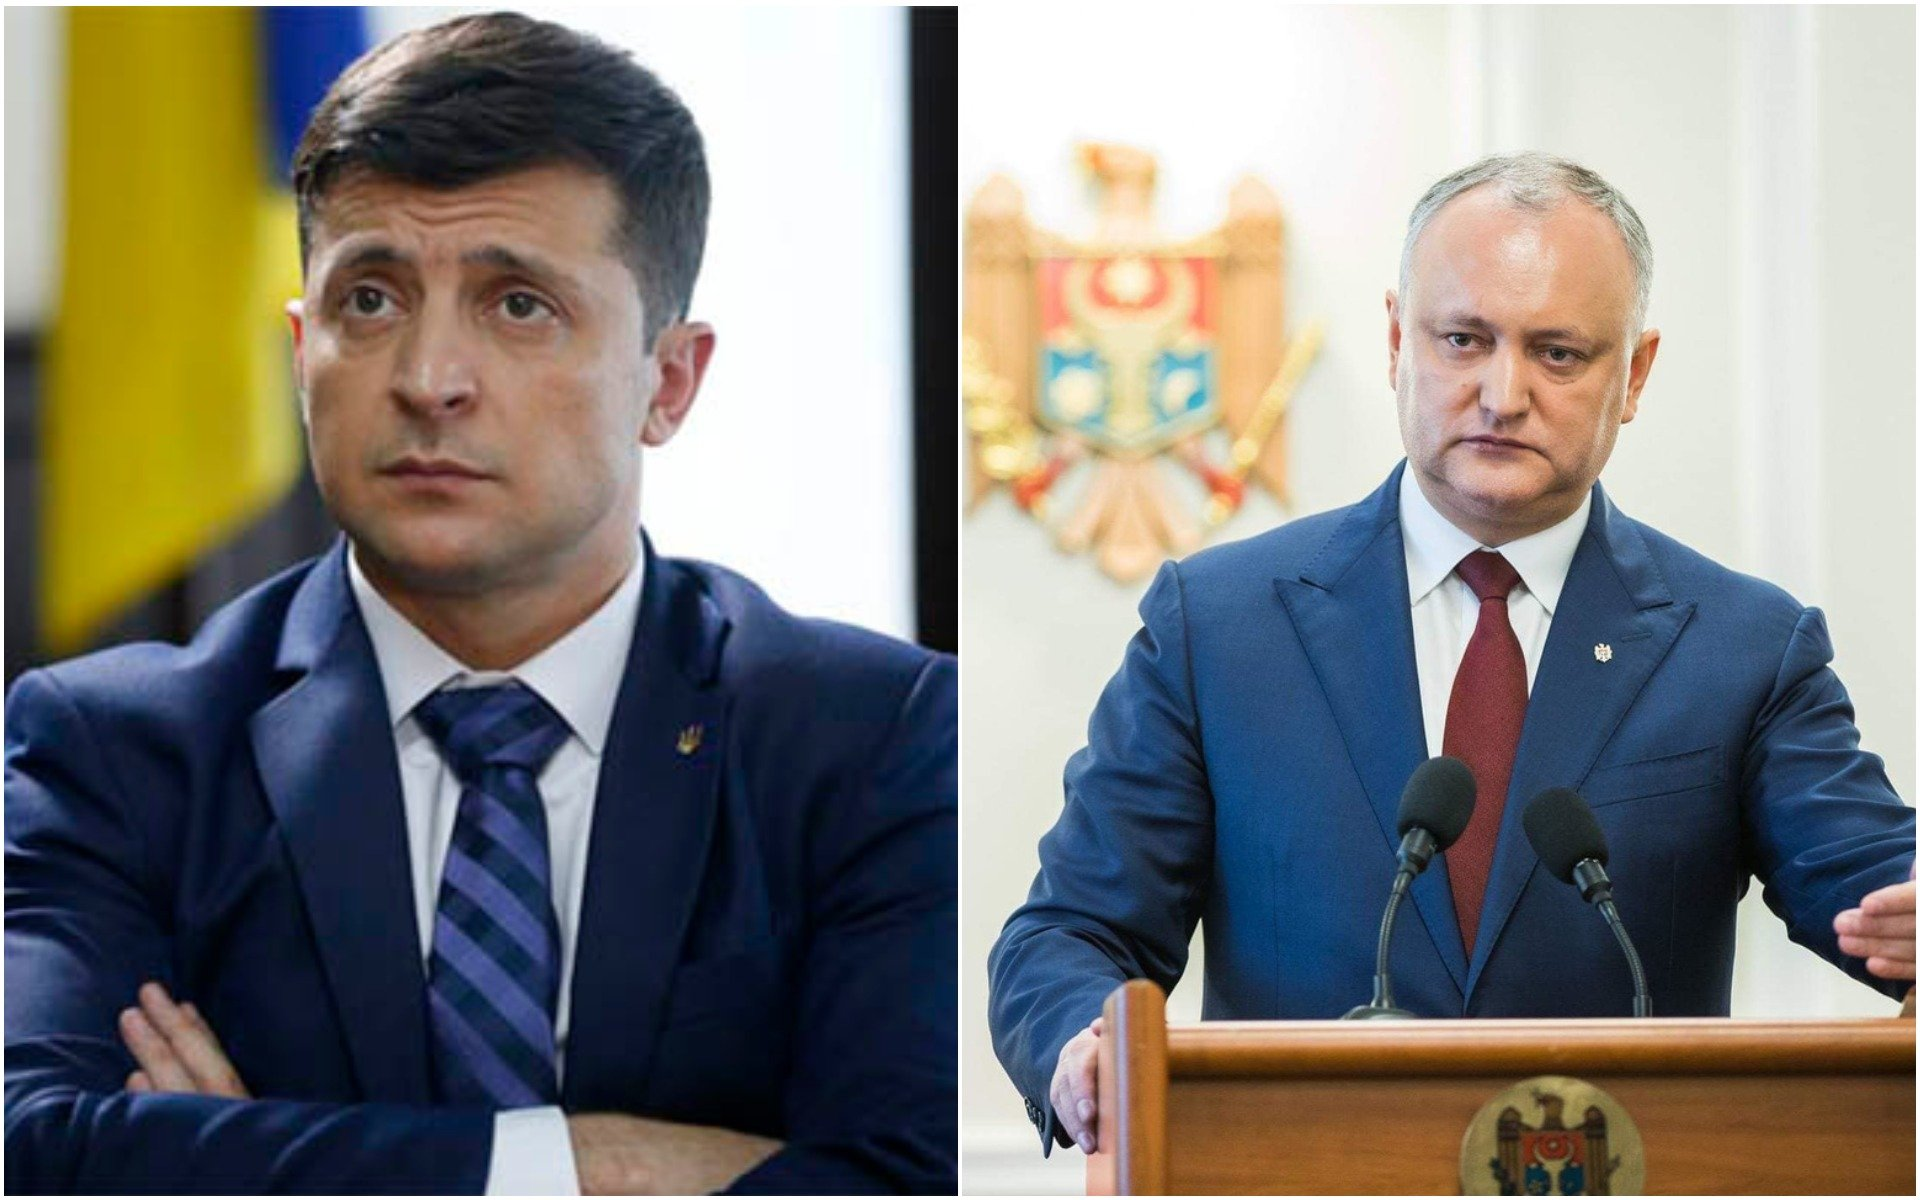 Зеленський зустрінеться з проросійським президентом Молдови Додоном